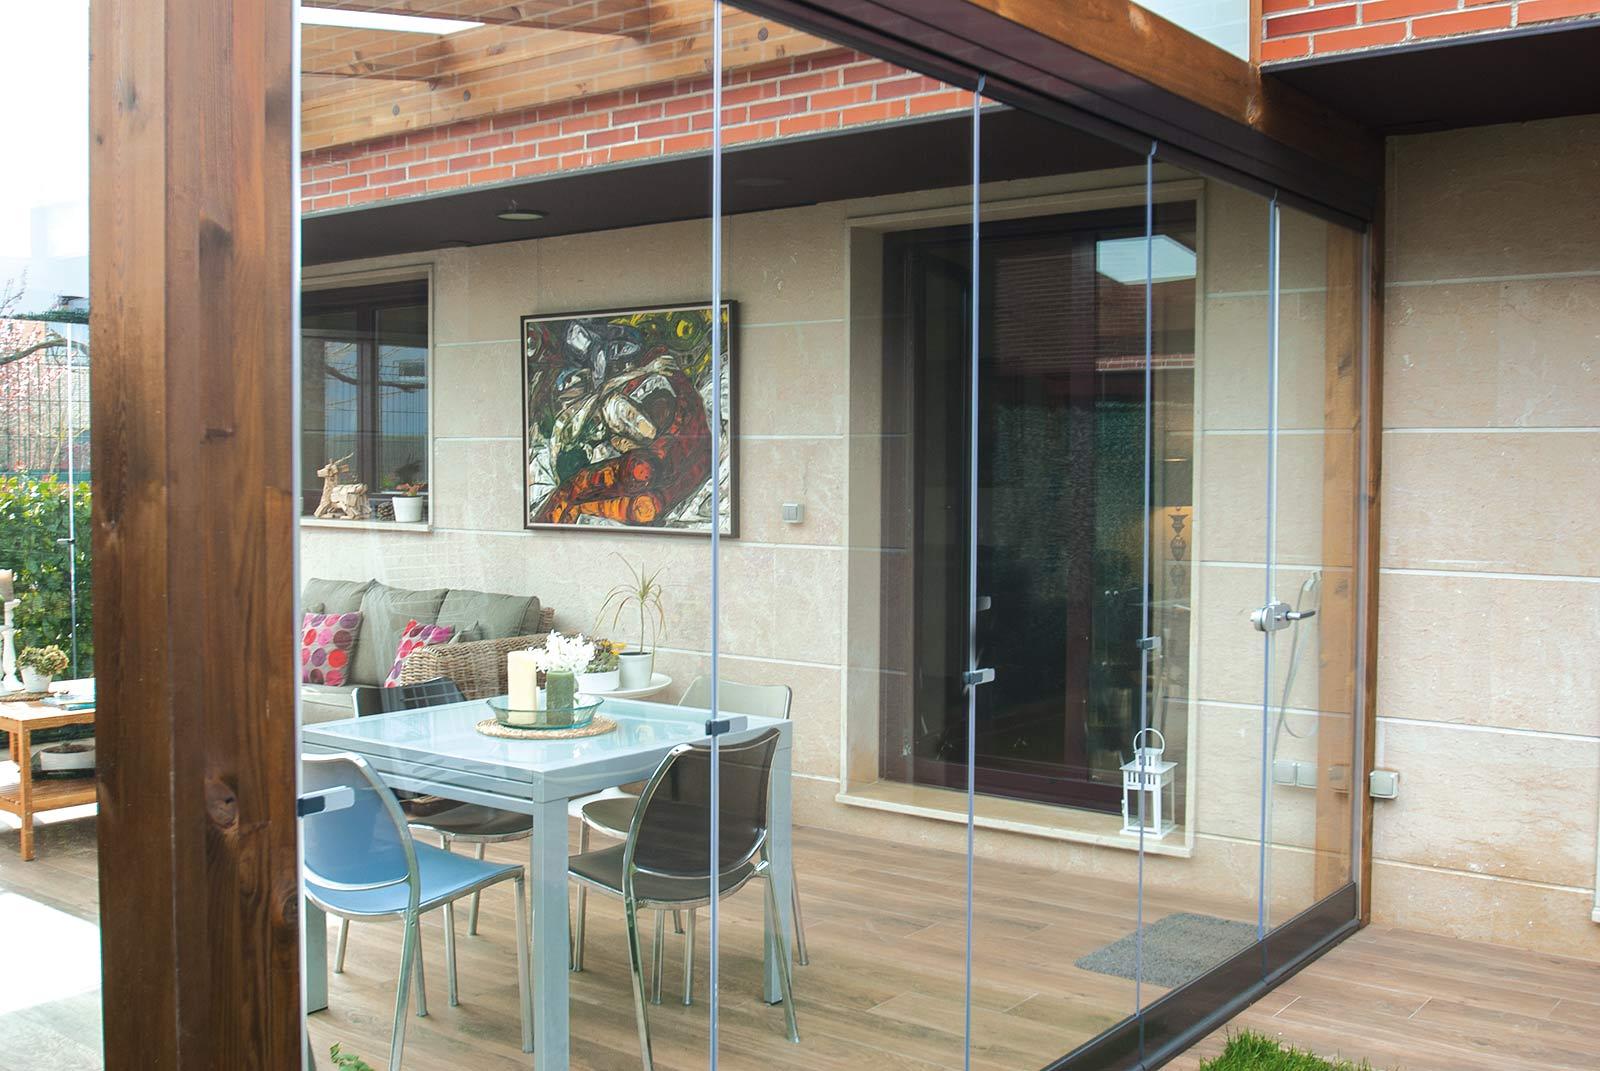 porche-jardin-madera-cristal-lumon-cerrado-abierto-16